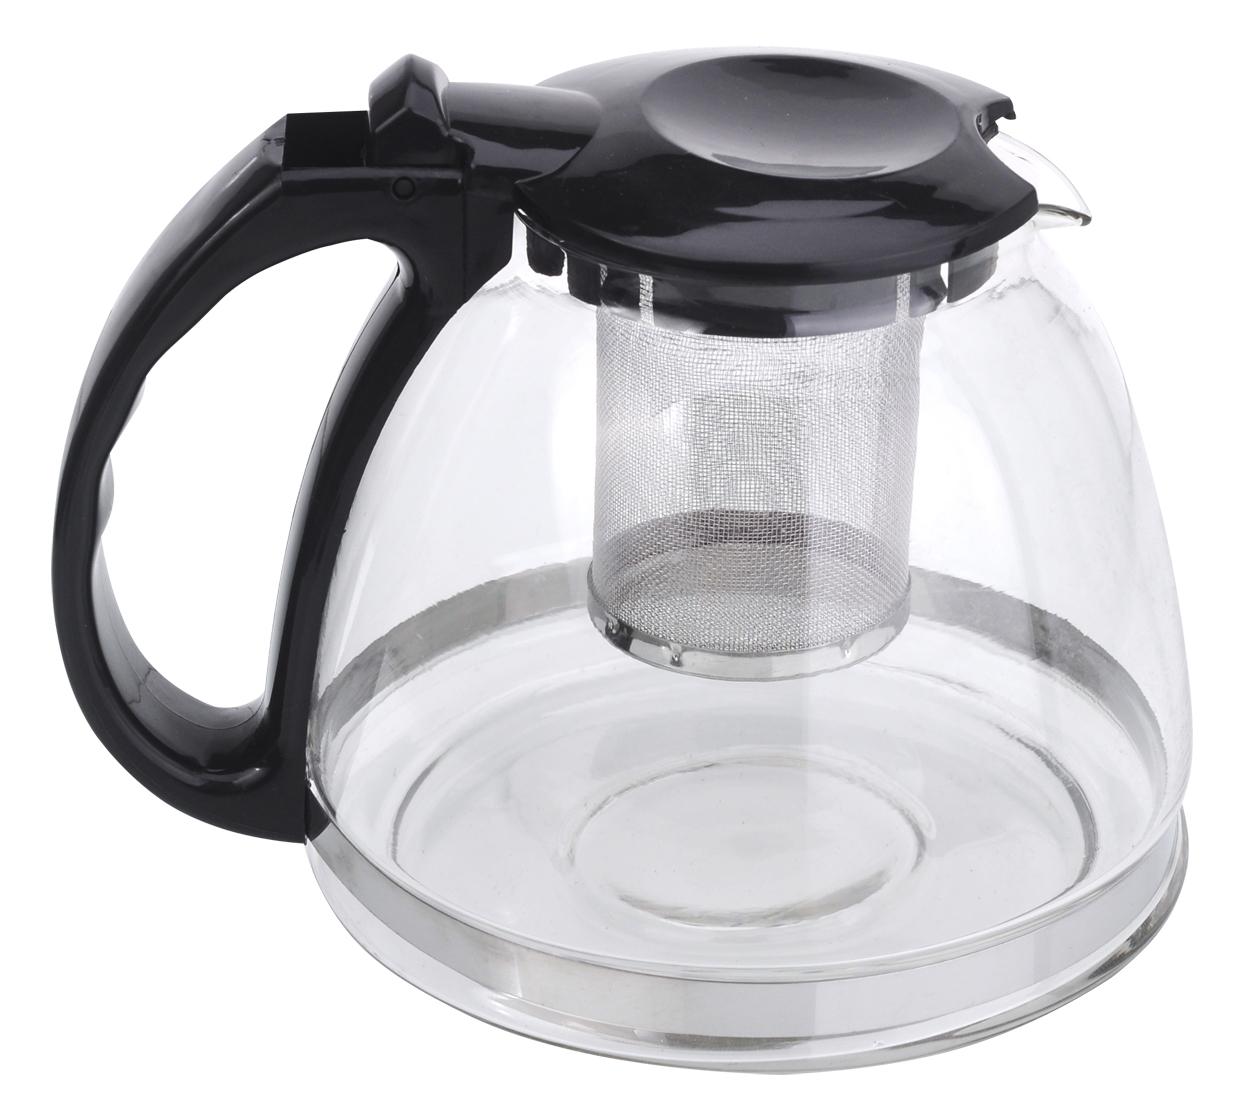 Чайник заварочный МФК-профит, стеклянный, цвет: черный, 1300 мл8130